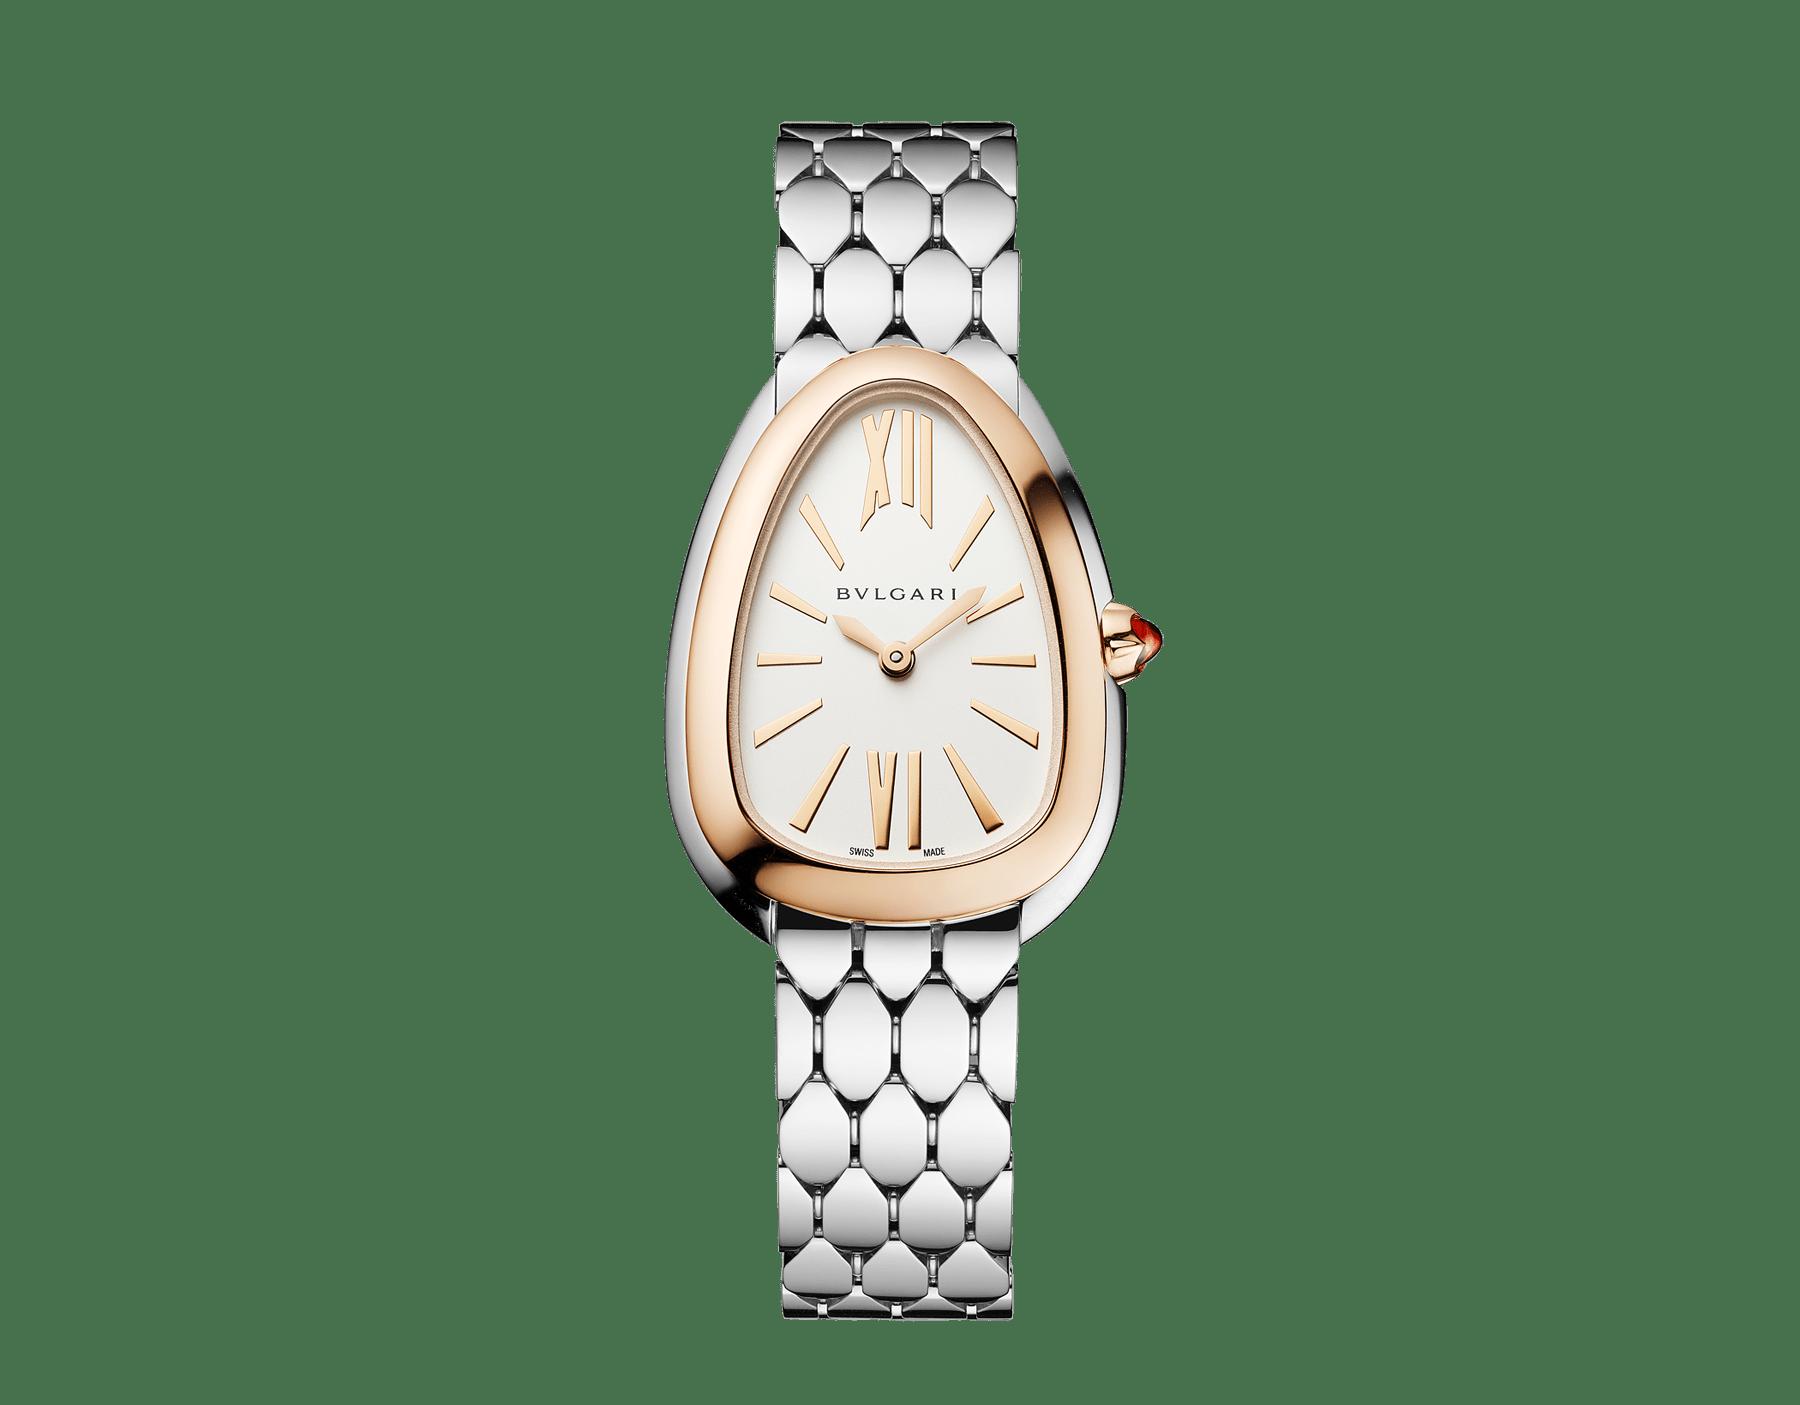 Relógio Serpenti Seduttori com caixa em aço, pulseira em aço, bezel em ouro rosa 18K e mostrador em opalina branco-prata. 103144 image 1